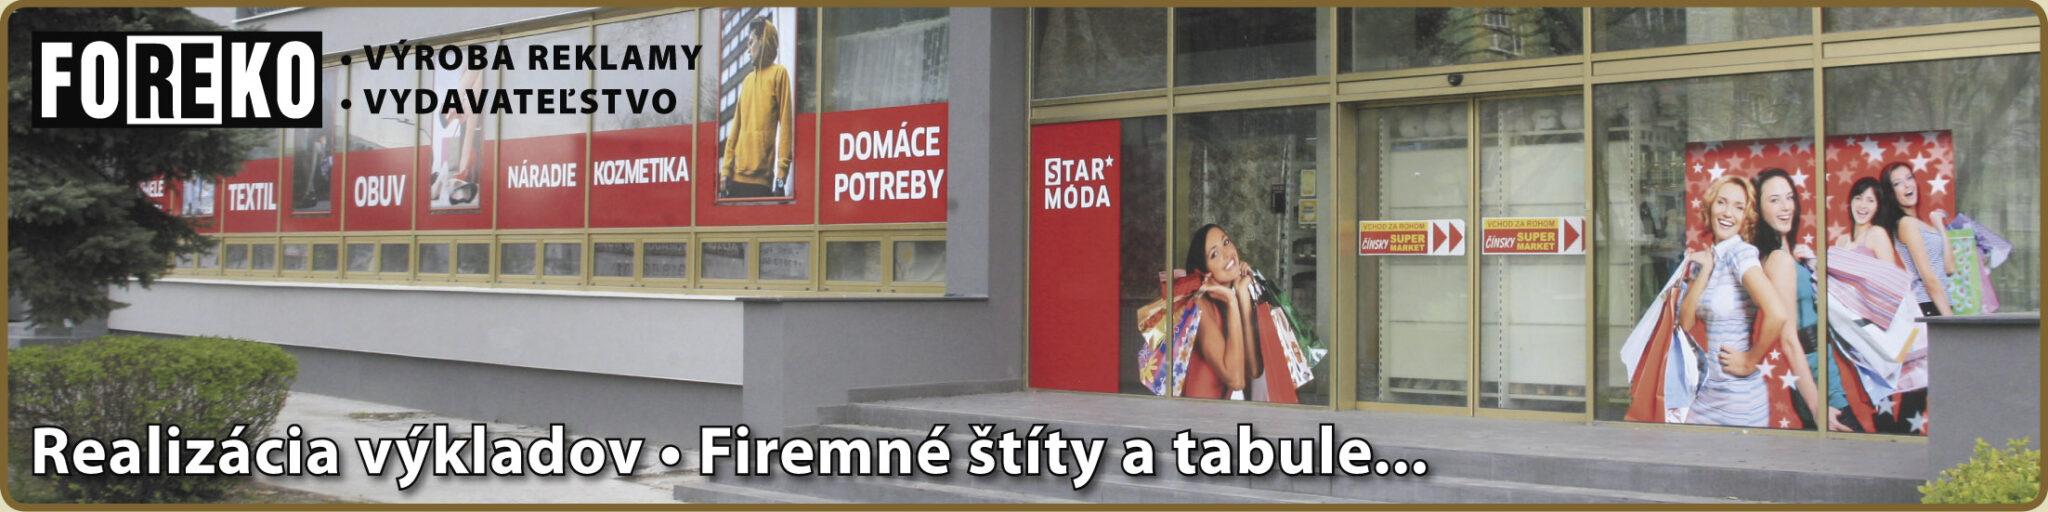 web_FOREK_202_hlavny baner_01.indd